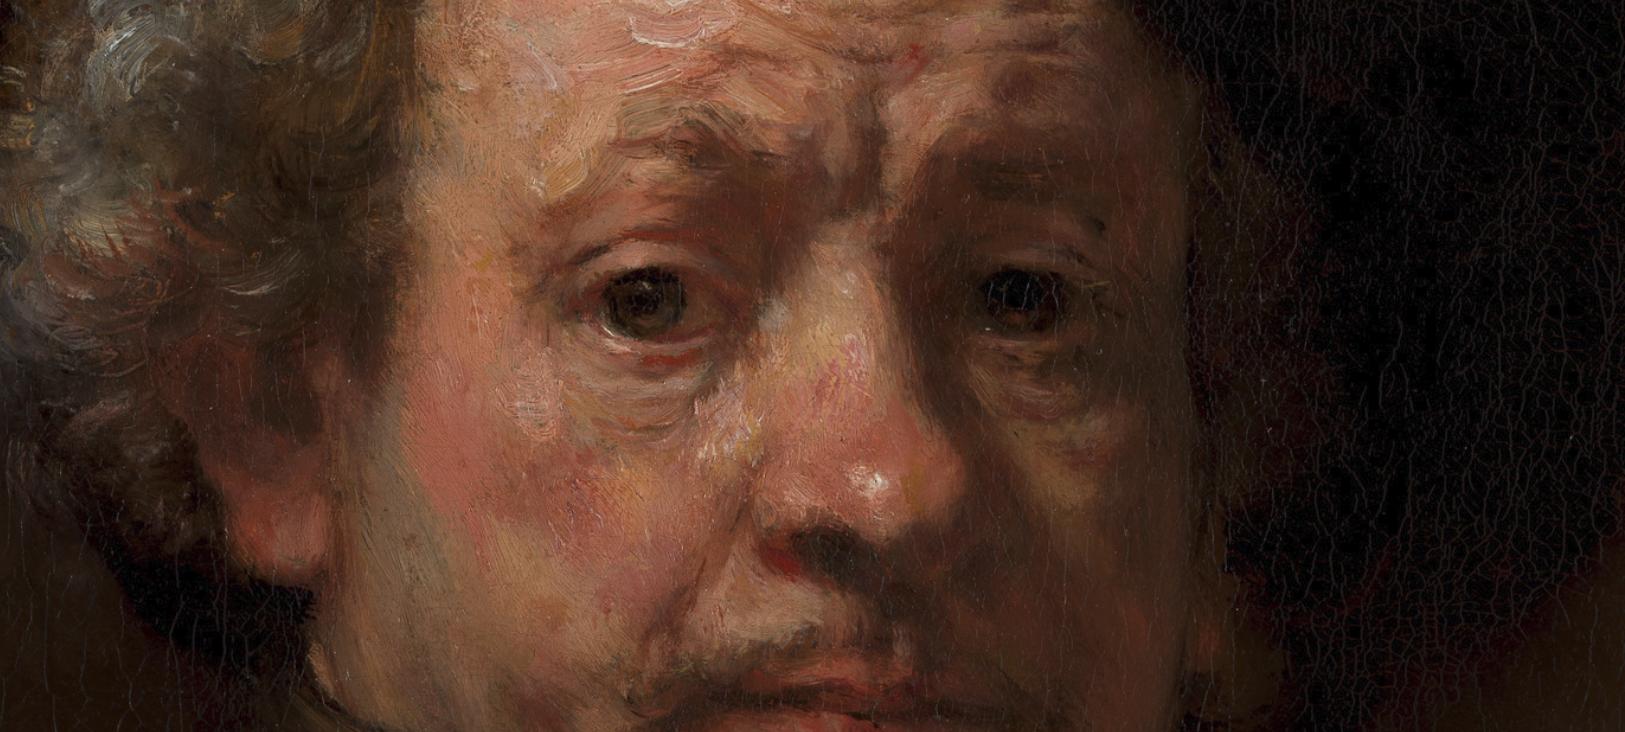 rem. portrait closeup